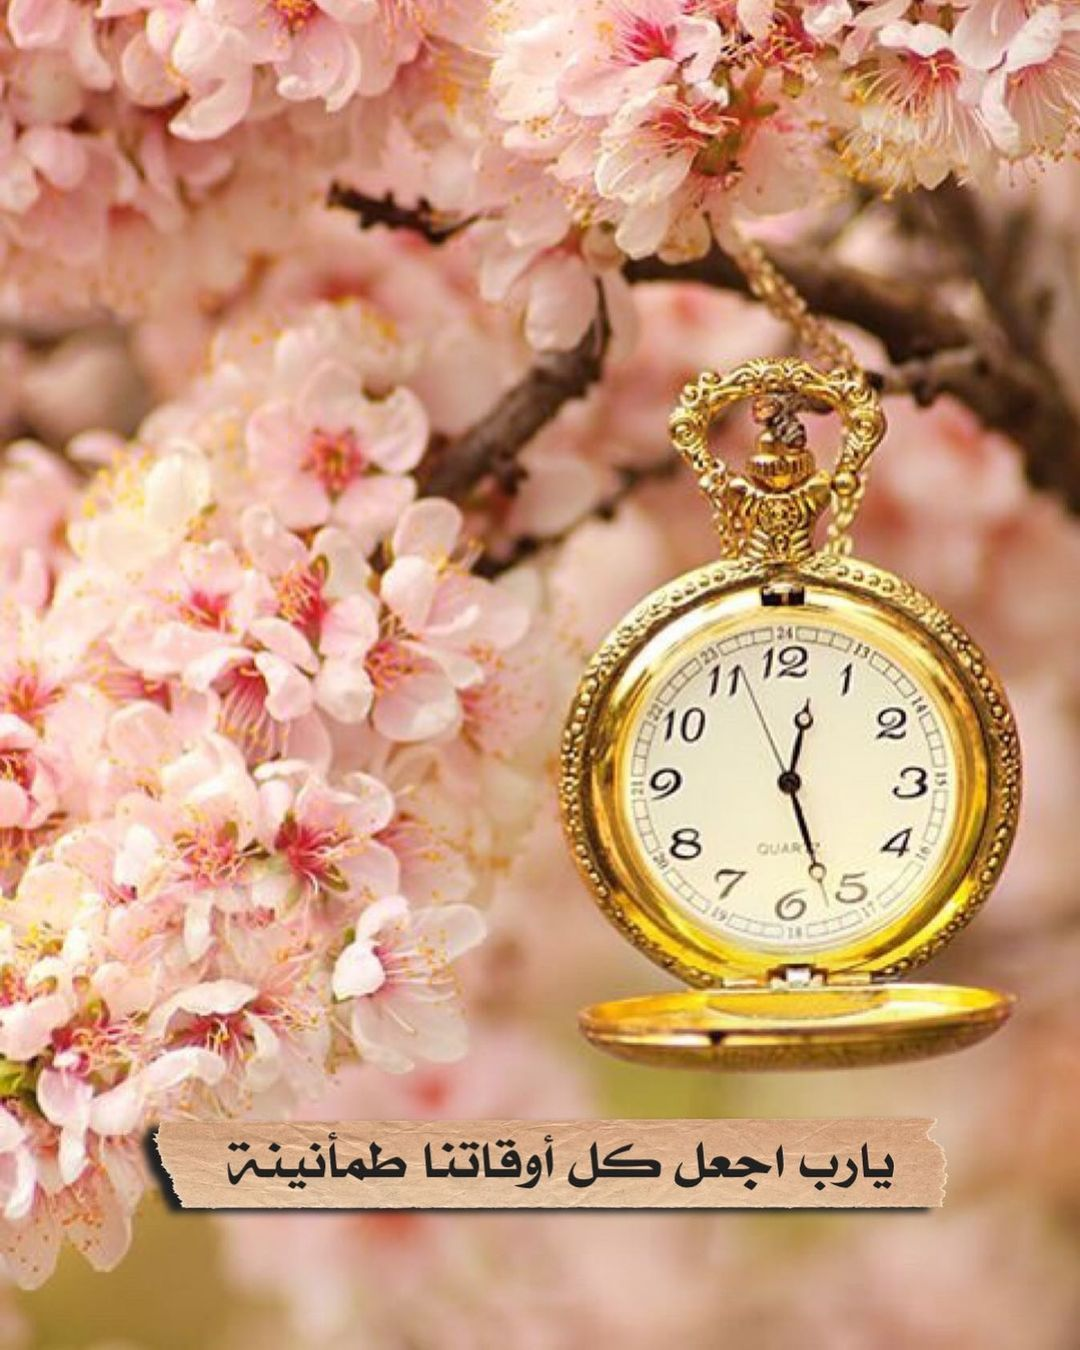 Aljanah On Instagram أذكار إسلامية ديني دين اسلام اسلامي هاشتاق اذكار صور رمزيات خلفيات تذكير دنيا الا In 2021 Accessories 10 Things Pocket Watch